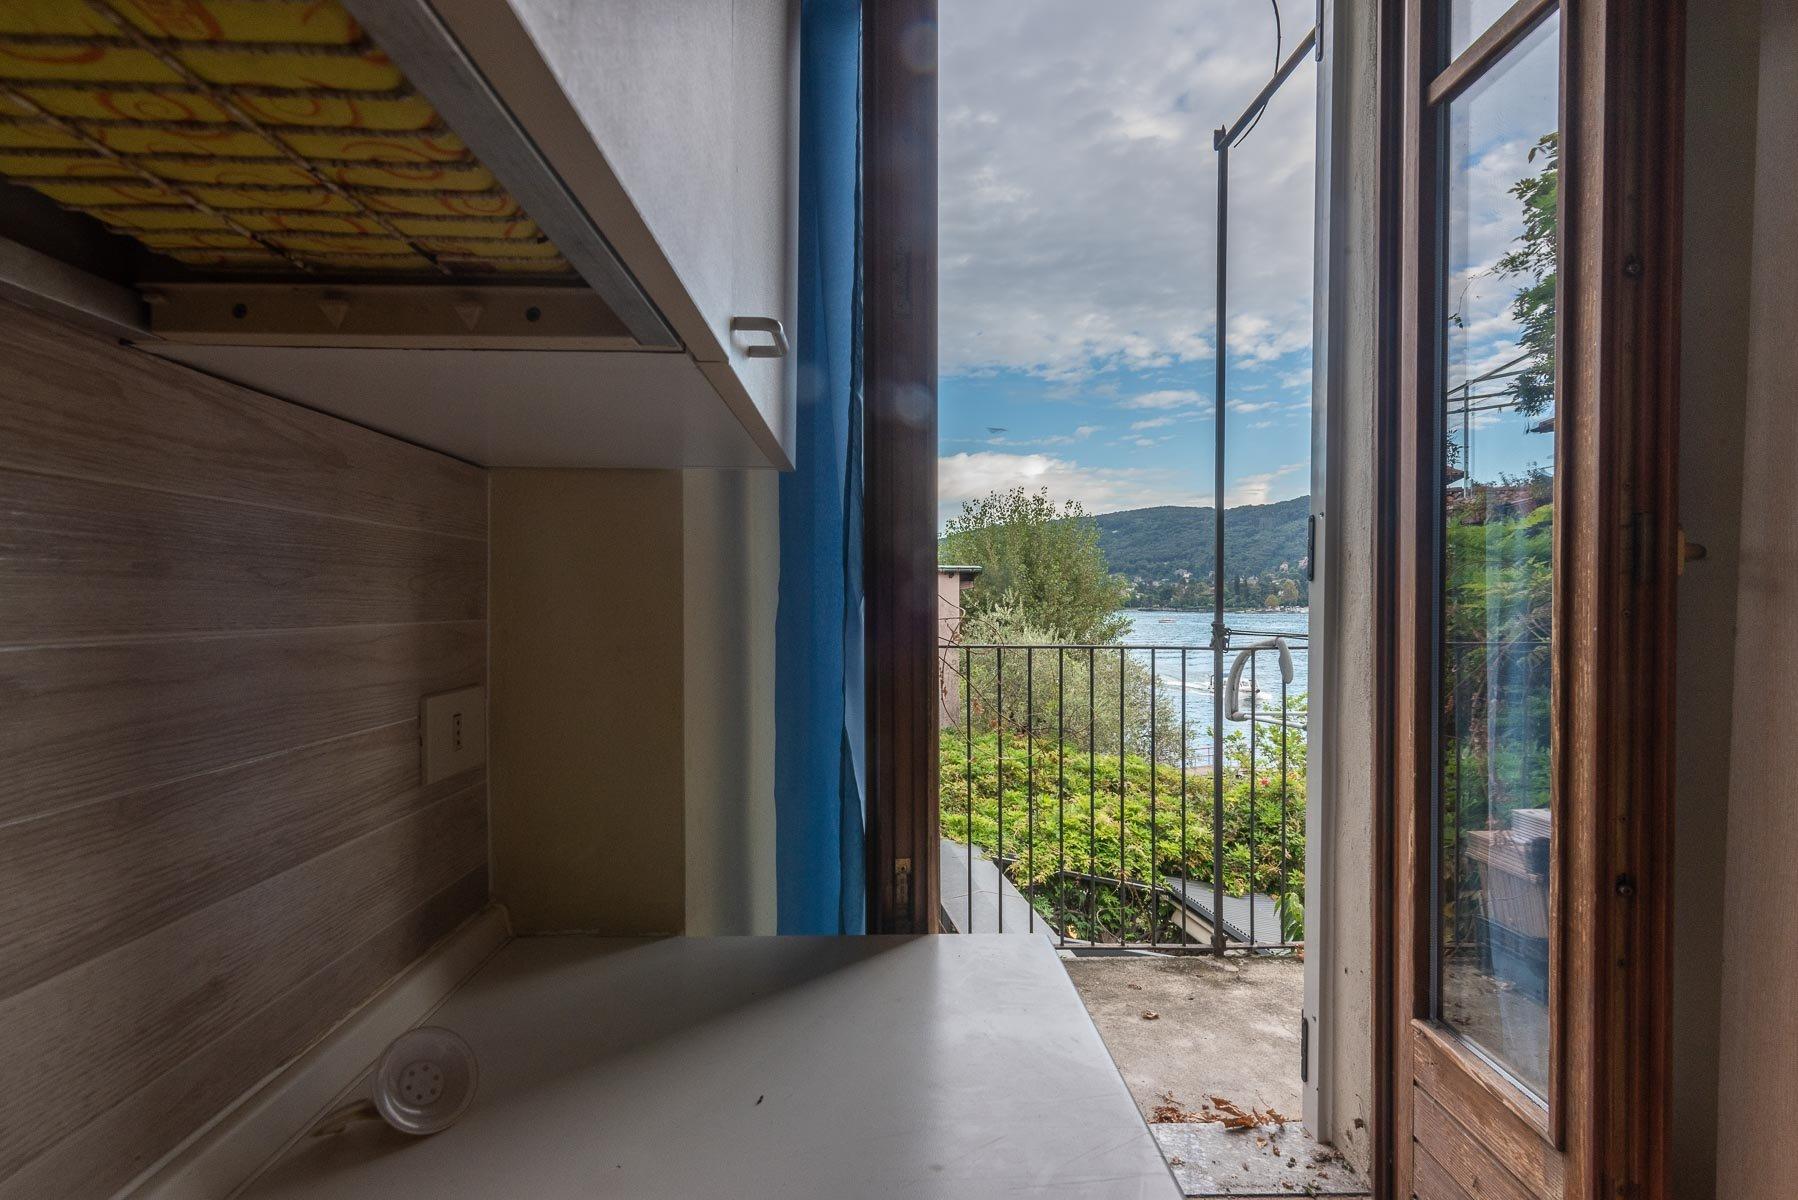 Appartamento in vendita sull'Isola Pescatori, Stresa-cucina con vista